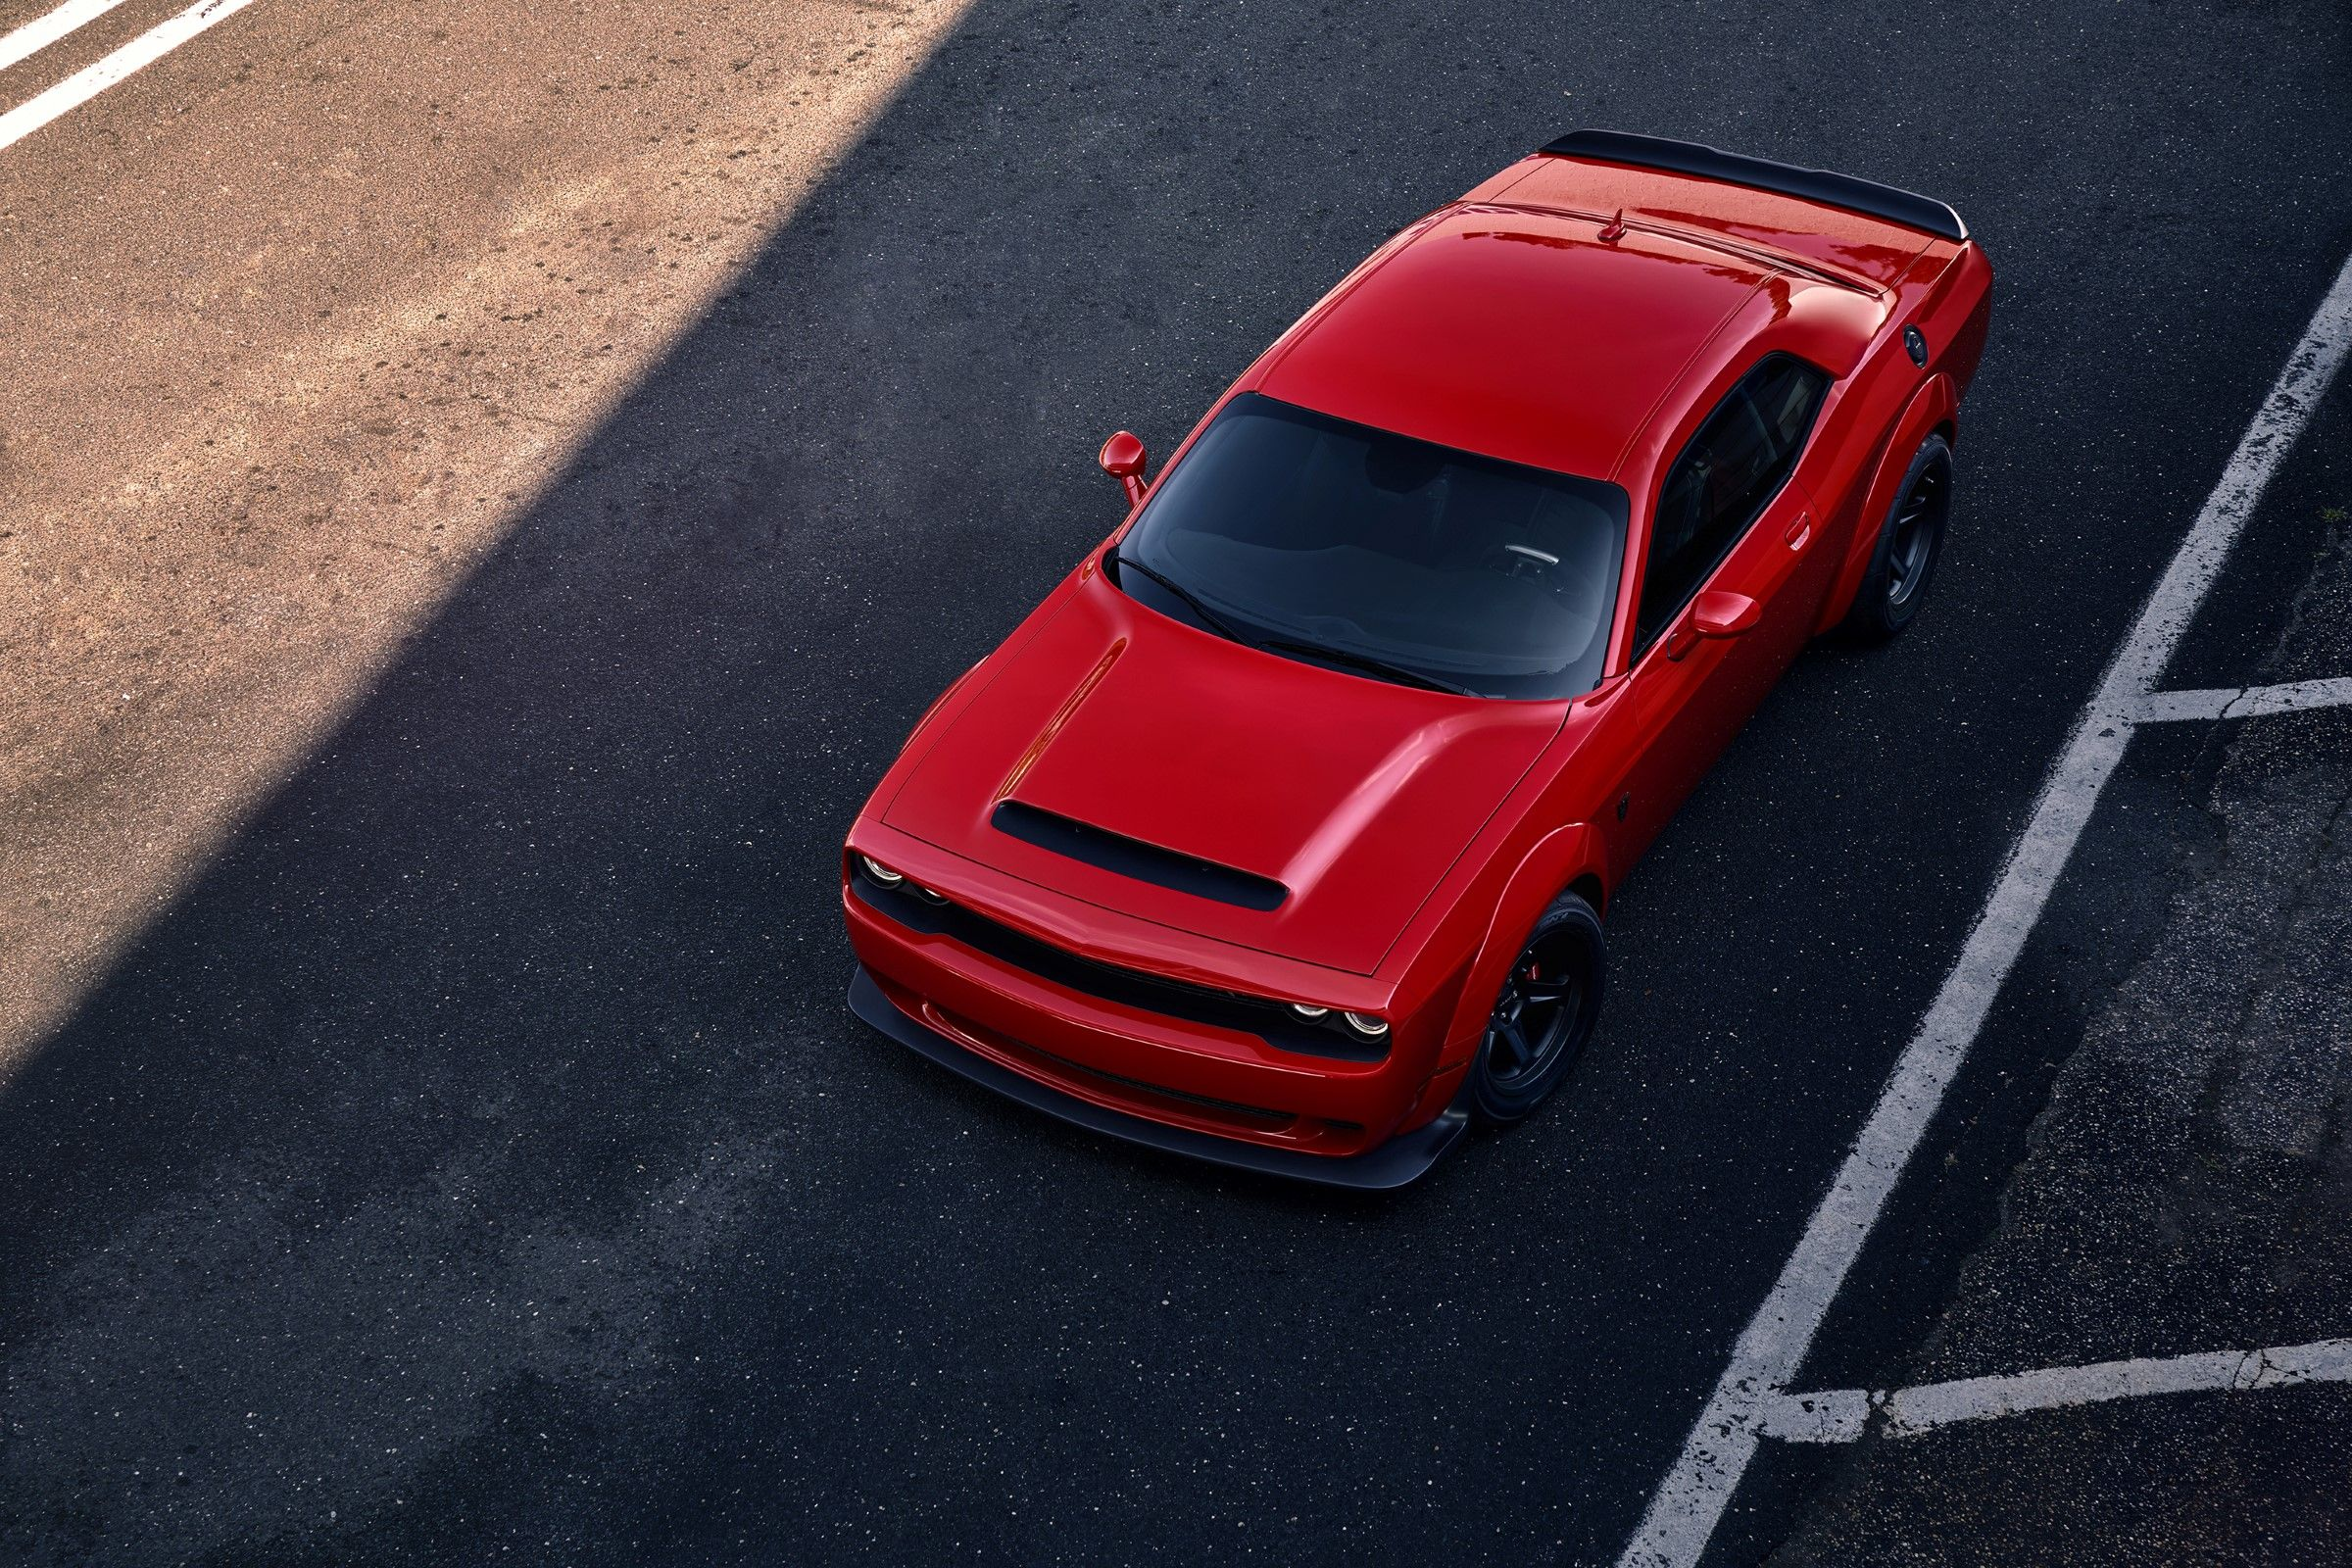 2018 Dodge Challenger Srt Demon 840 Hp 770 Torque 9 65 140 Mph Qtr 0 60 2 3 Secs 1 8g Acceleration Dodge Challenger Challenger Srt Demon Challenger Srt